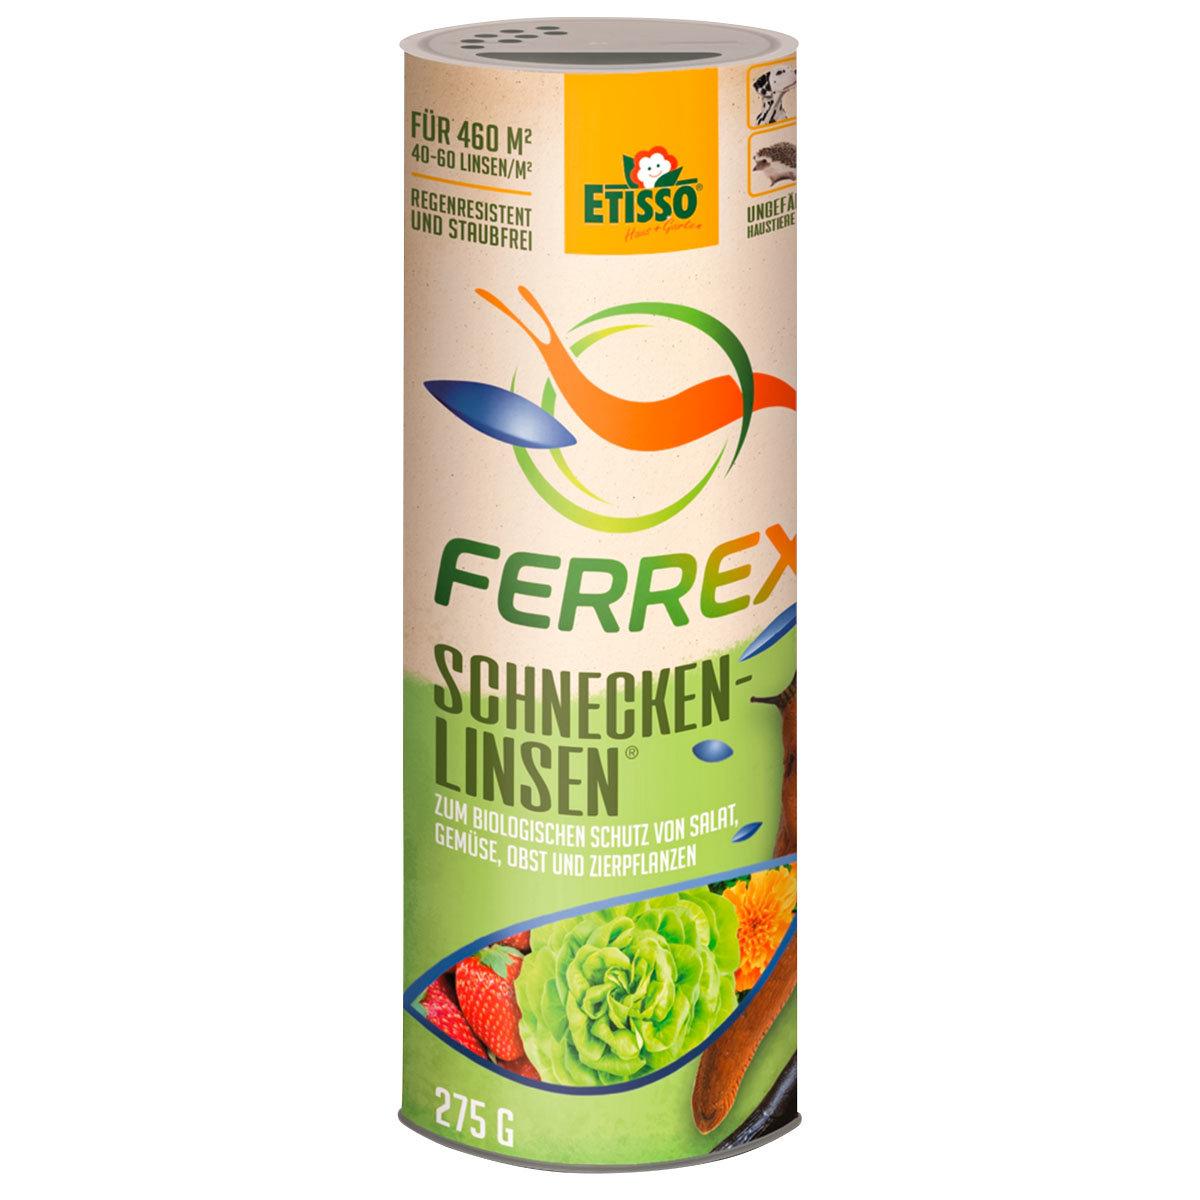 Ferrex ® Schnecken-Linsen®, 275g